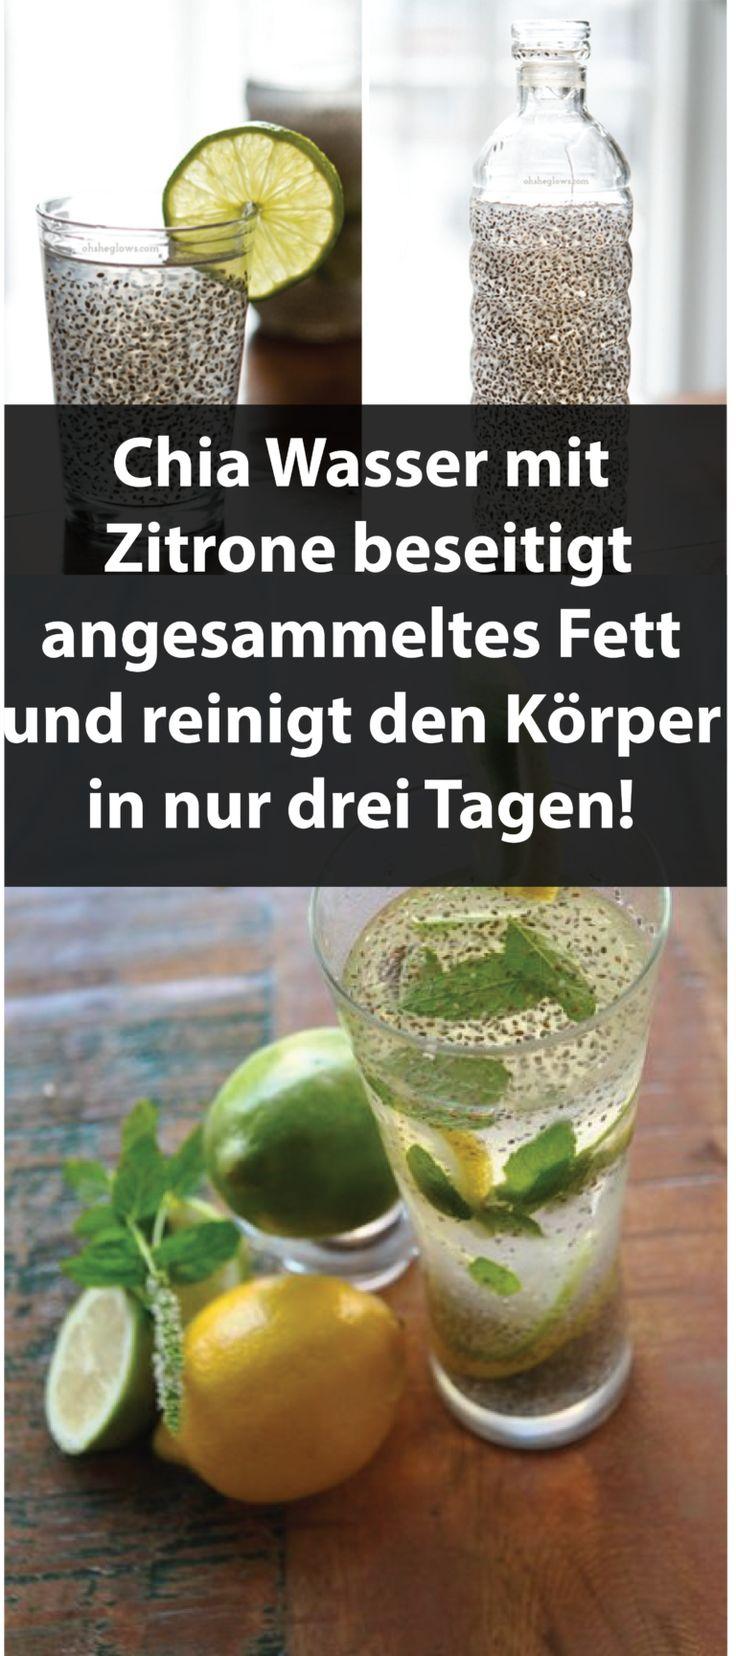 Chia Wasser mit Zitrone beseitigt angesammeltes Fett und reinigt den Körper in nur drei Tagen – Christiane Stölk